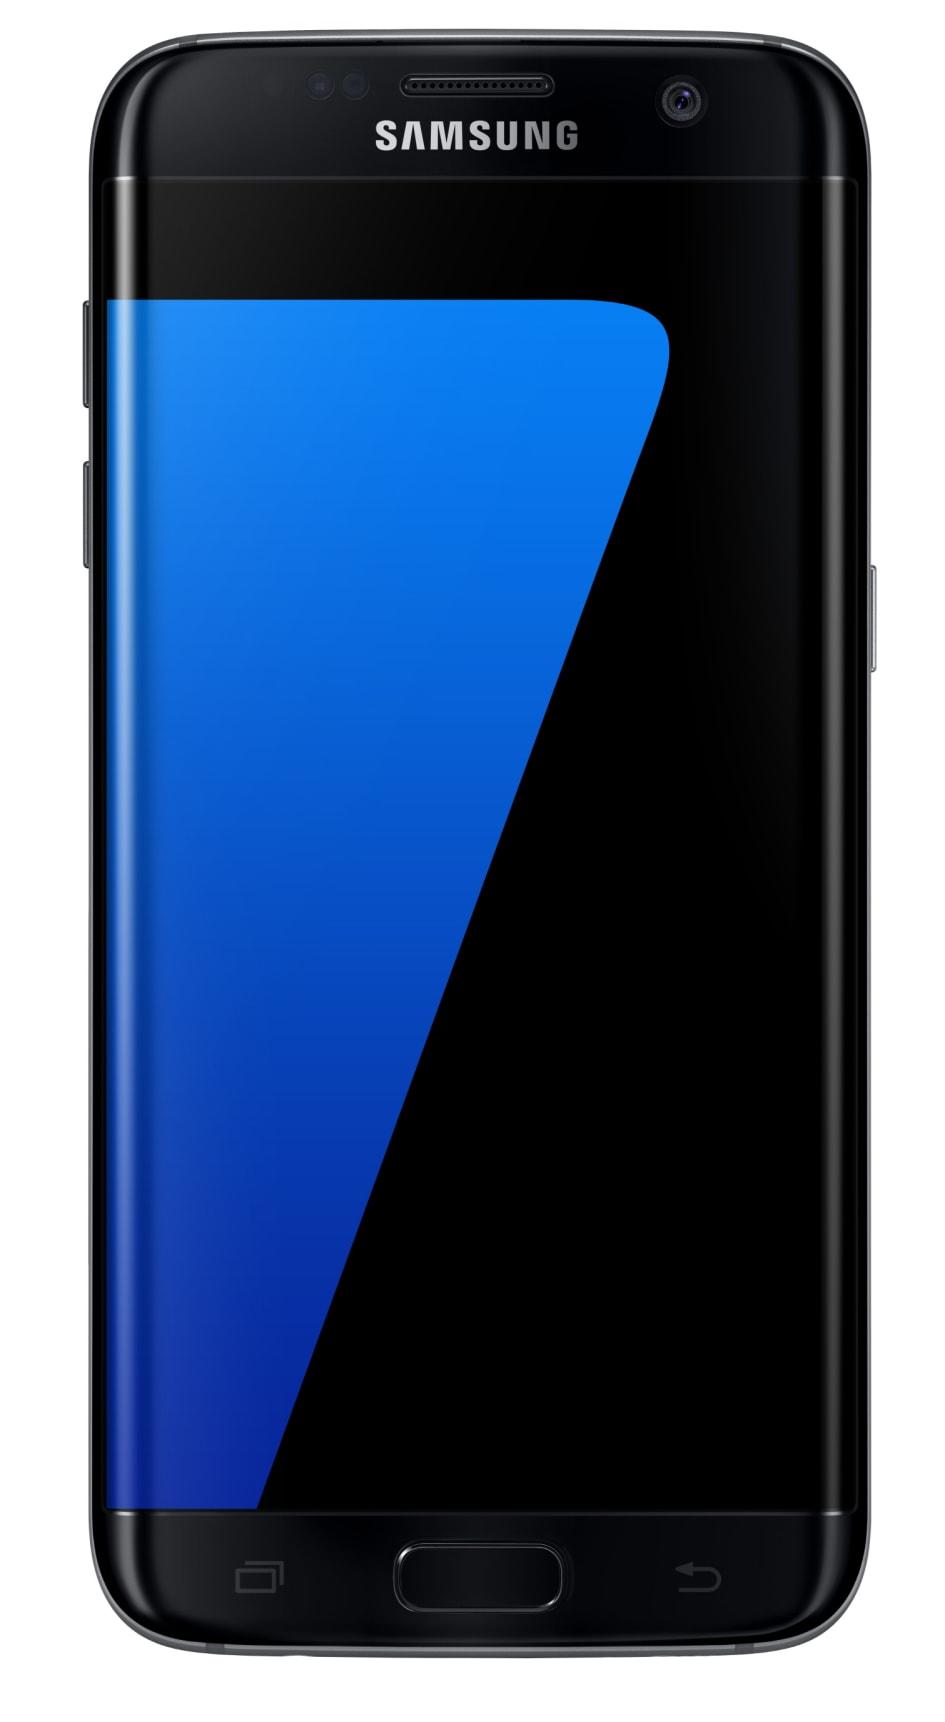 1801523c Den nye Galaxy-telefonen ble lagt ut for forhåndskjøp rett etter  flaggskipets lanseringen 21. februar, og frem til forhåndskjøpsperioden  gikk ut 10. mars, ...